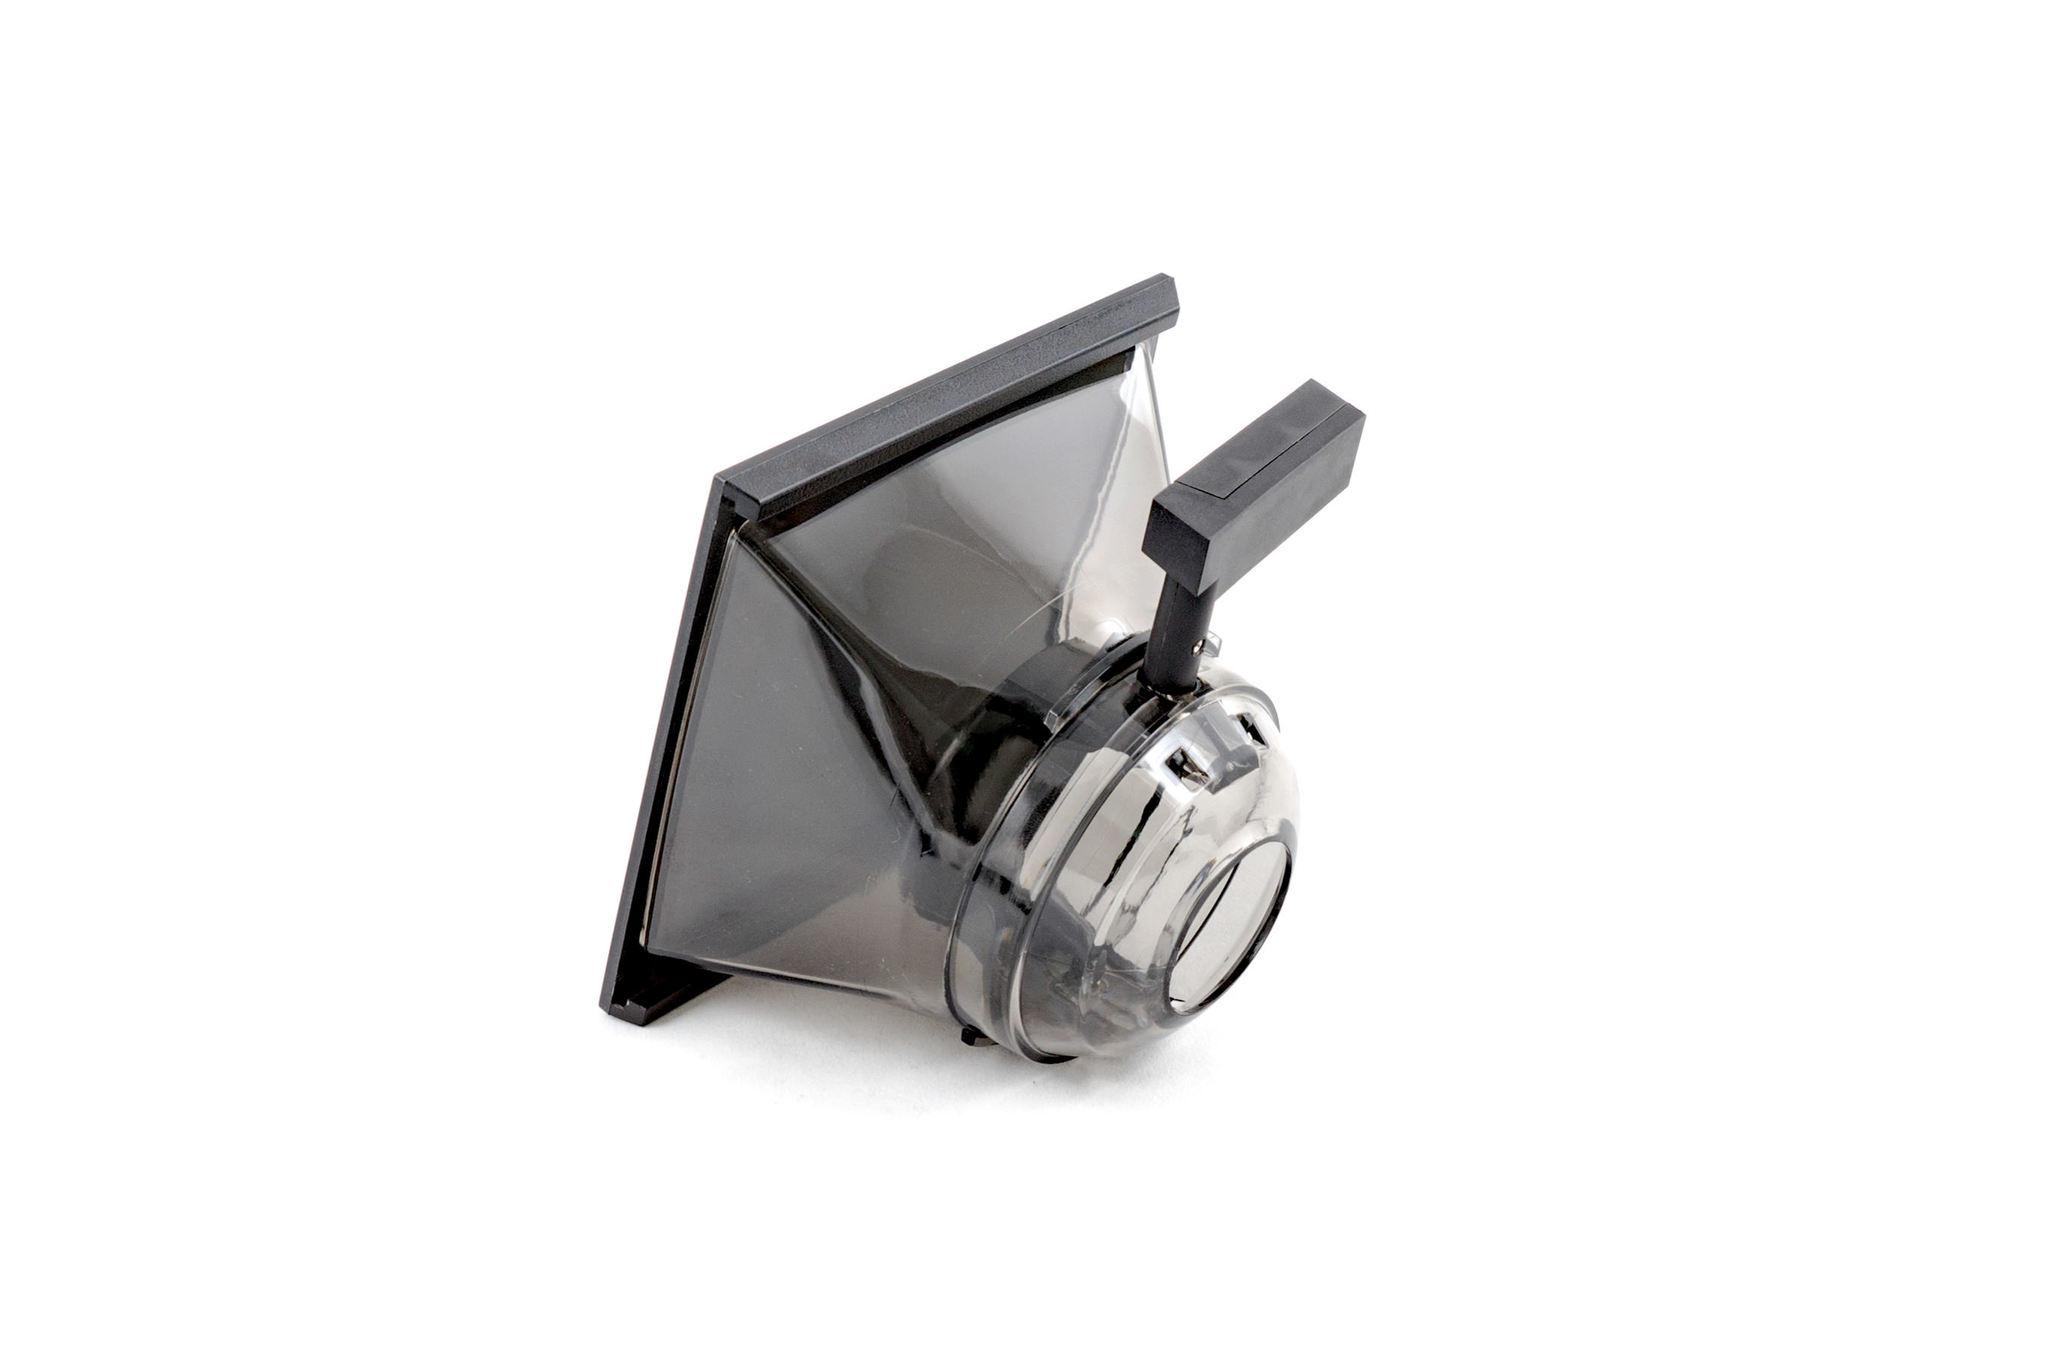 Etzinger Bohnenbehälter 200g mit Deckel